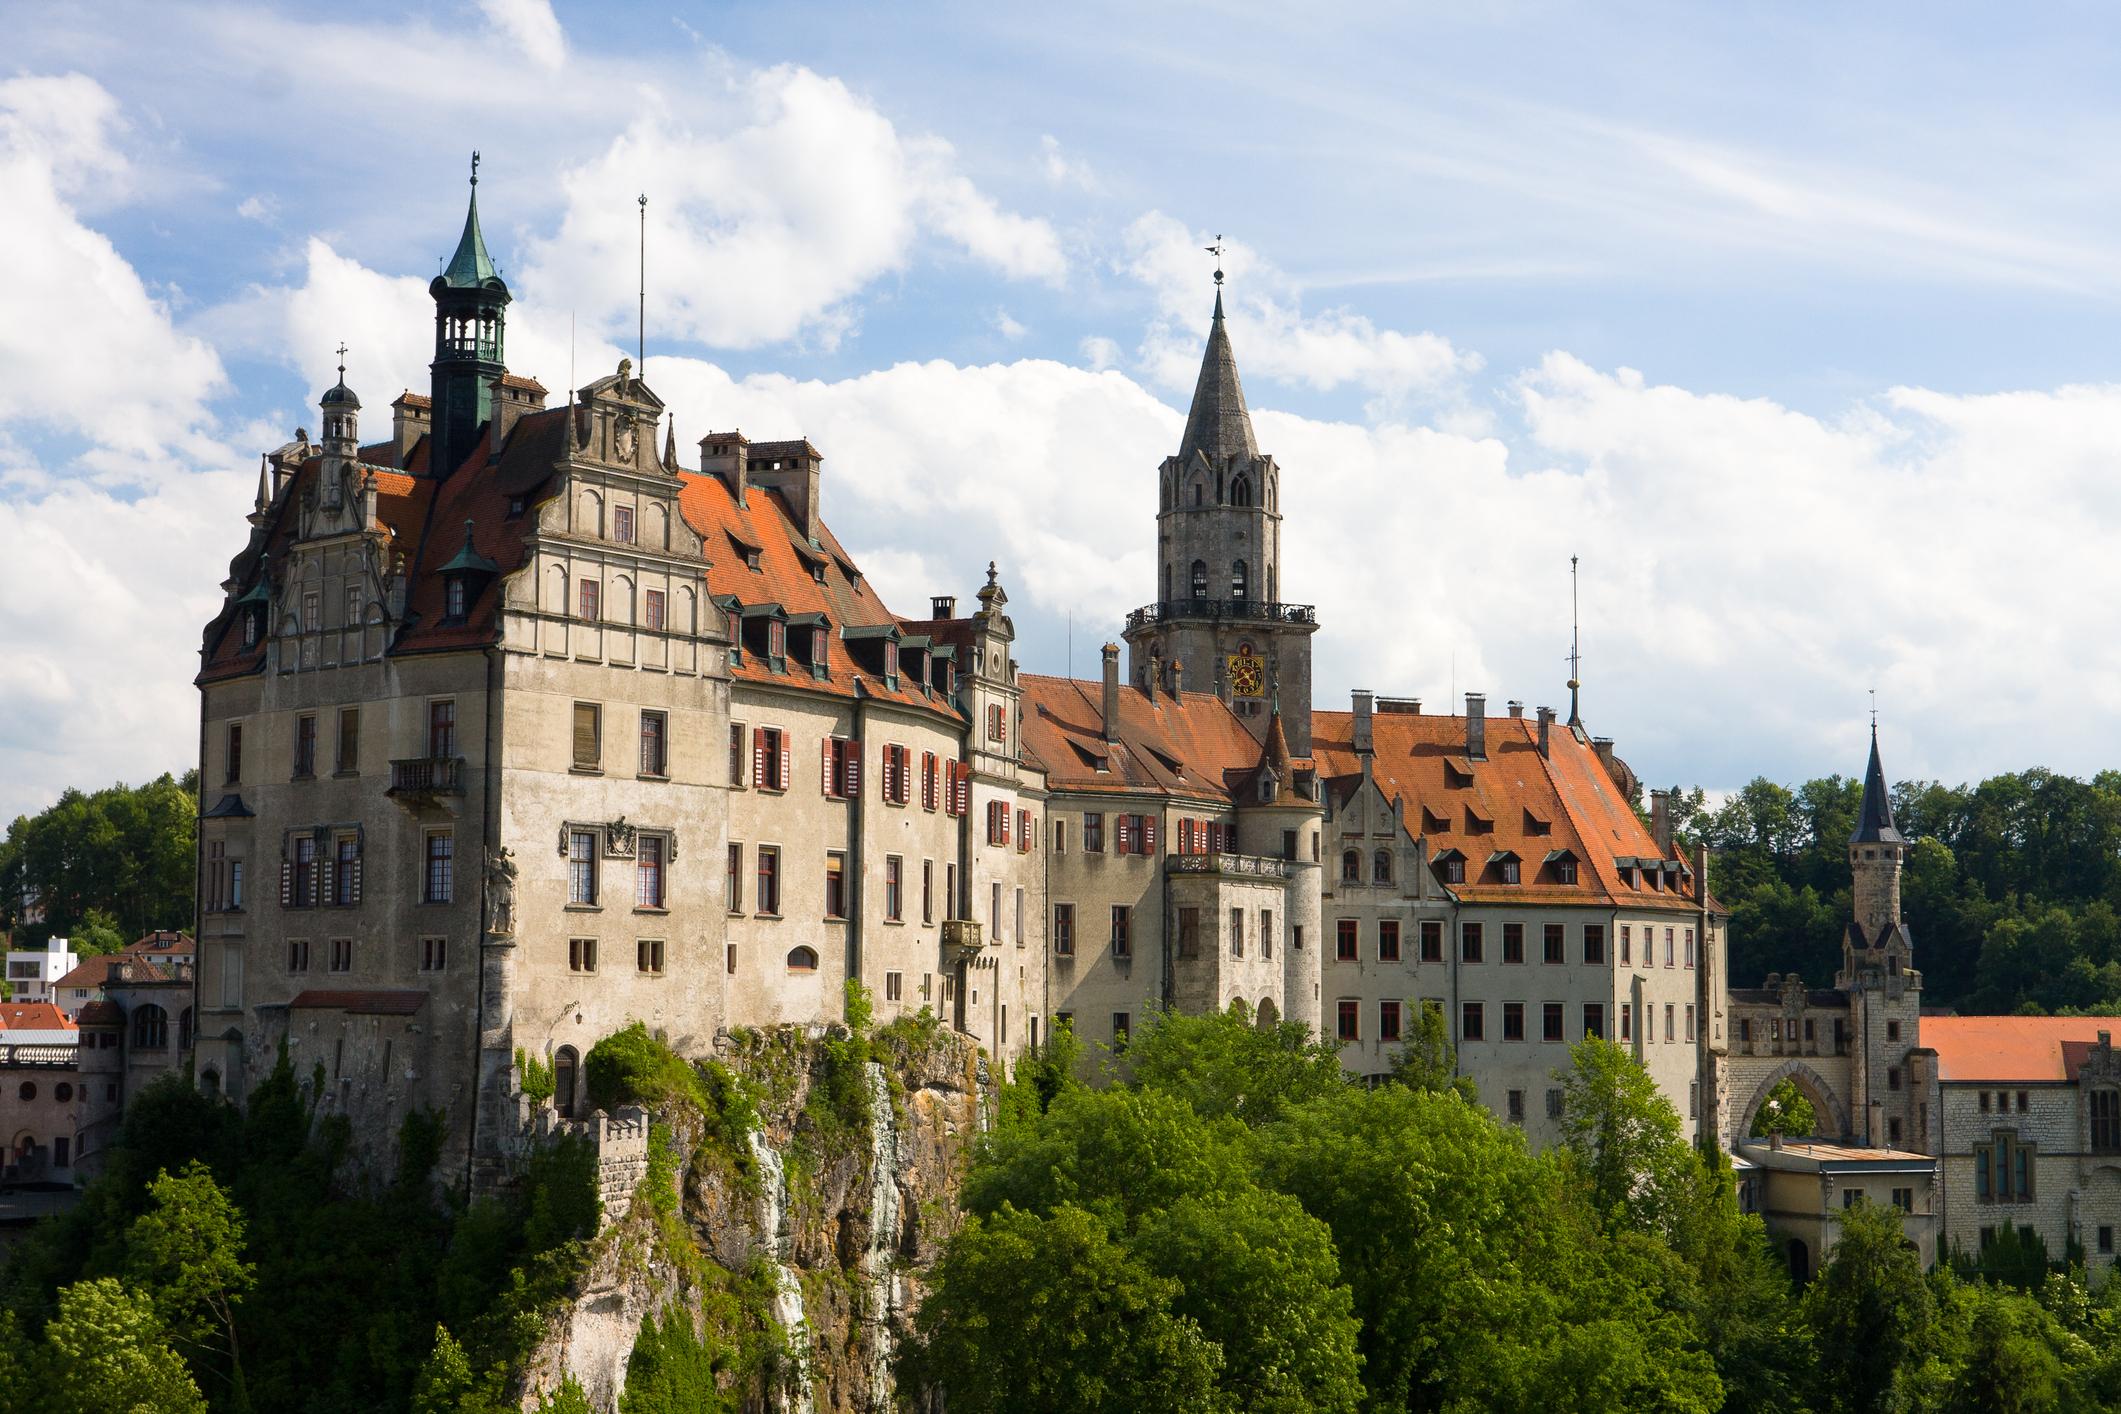 Неизведанная Германия: куда поехать, если в Берлине уже были-Фото 2